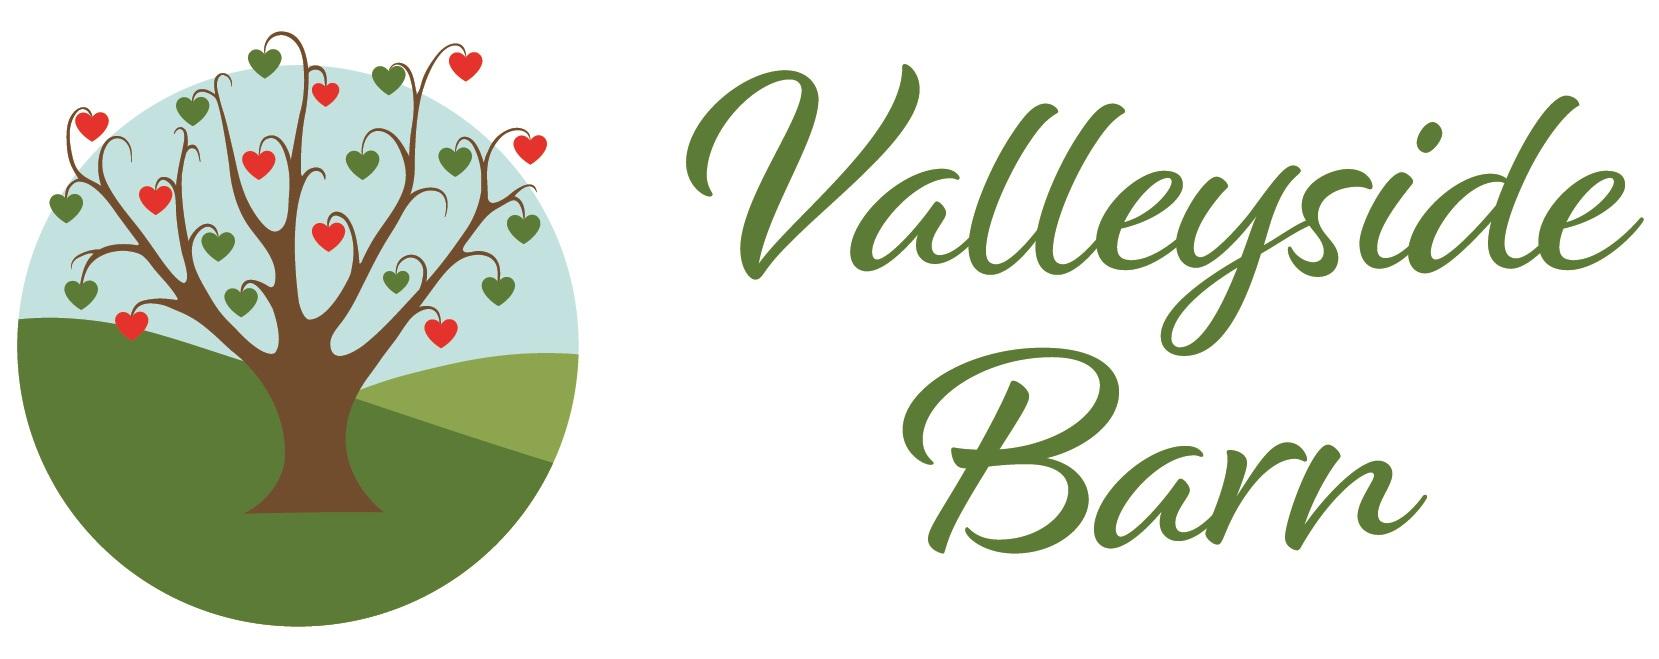 Valleyside Barn